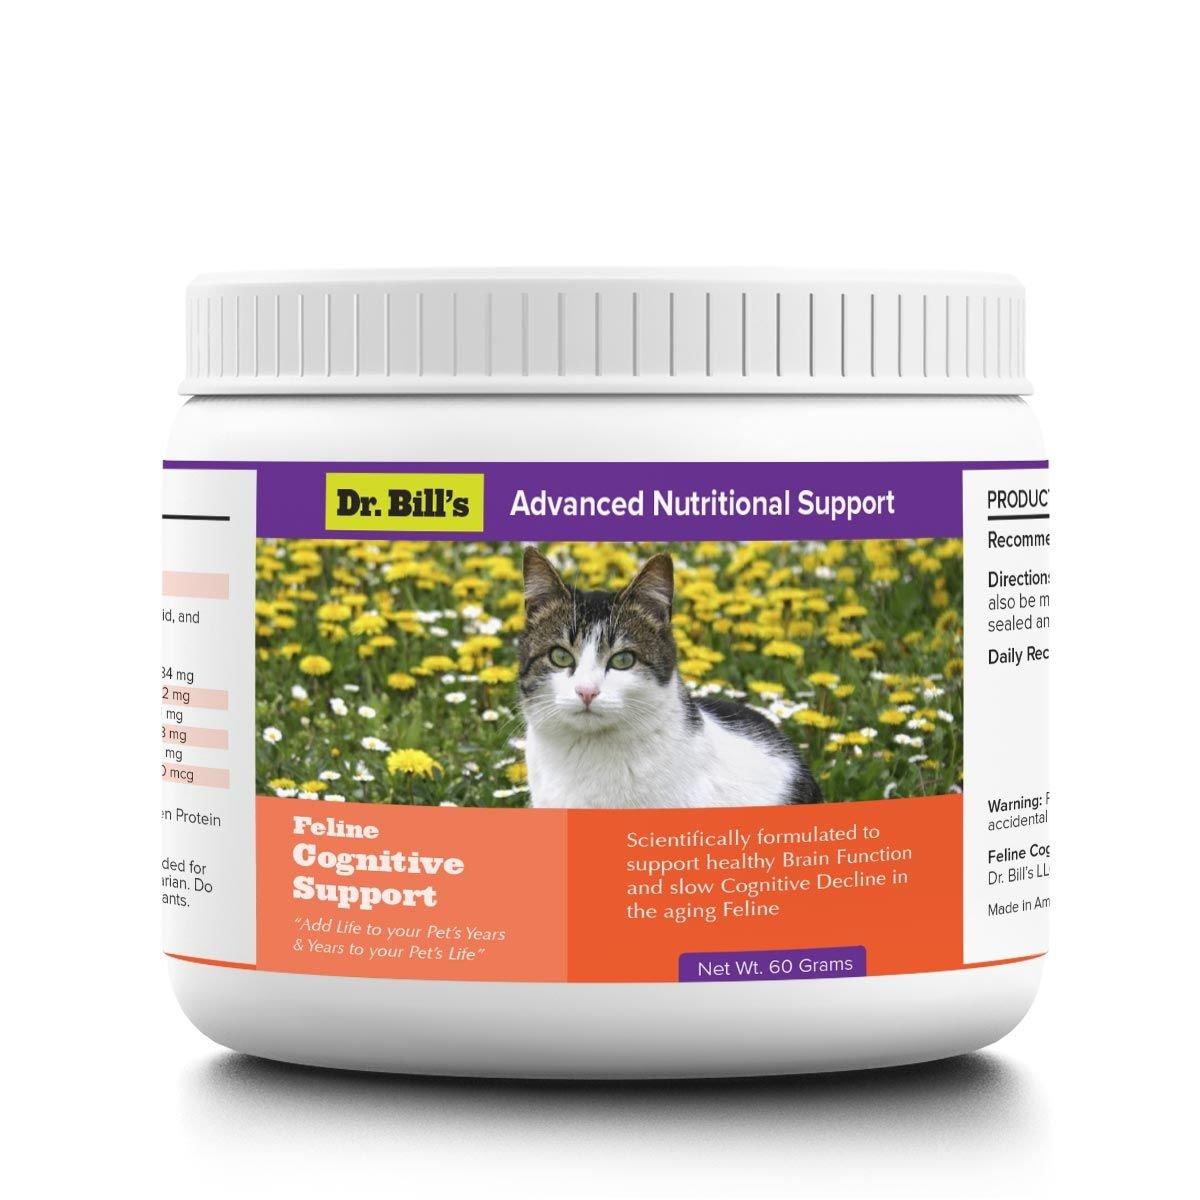 Dr. Bill's Feline Cognitive Support | Pet Supplement |Cognitive Dysfunction |Includes Phosphatidylcholine, Gingko Biloba, DHA, L-Carnosine, Vitamin B12, L-Glutamine, and L-Tyrosine | 60 Grams by Dr. Bill's